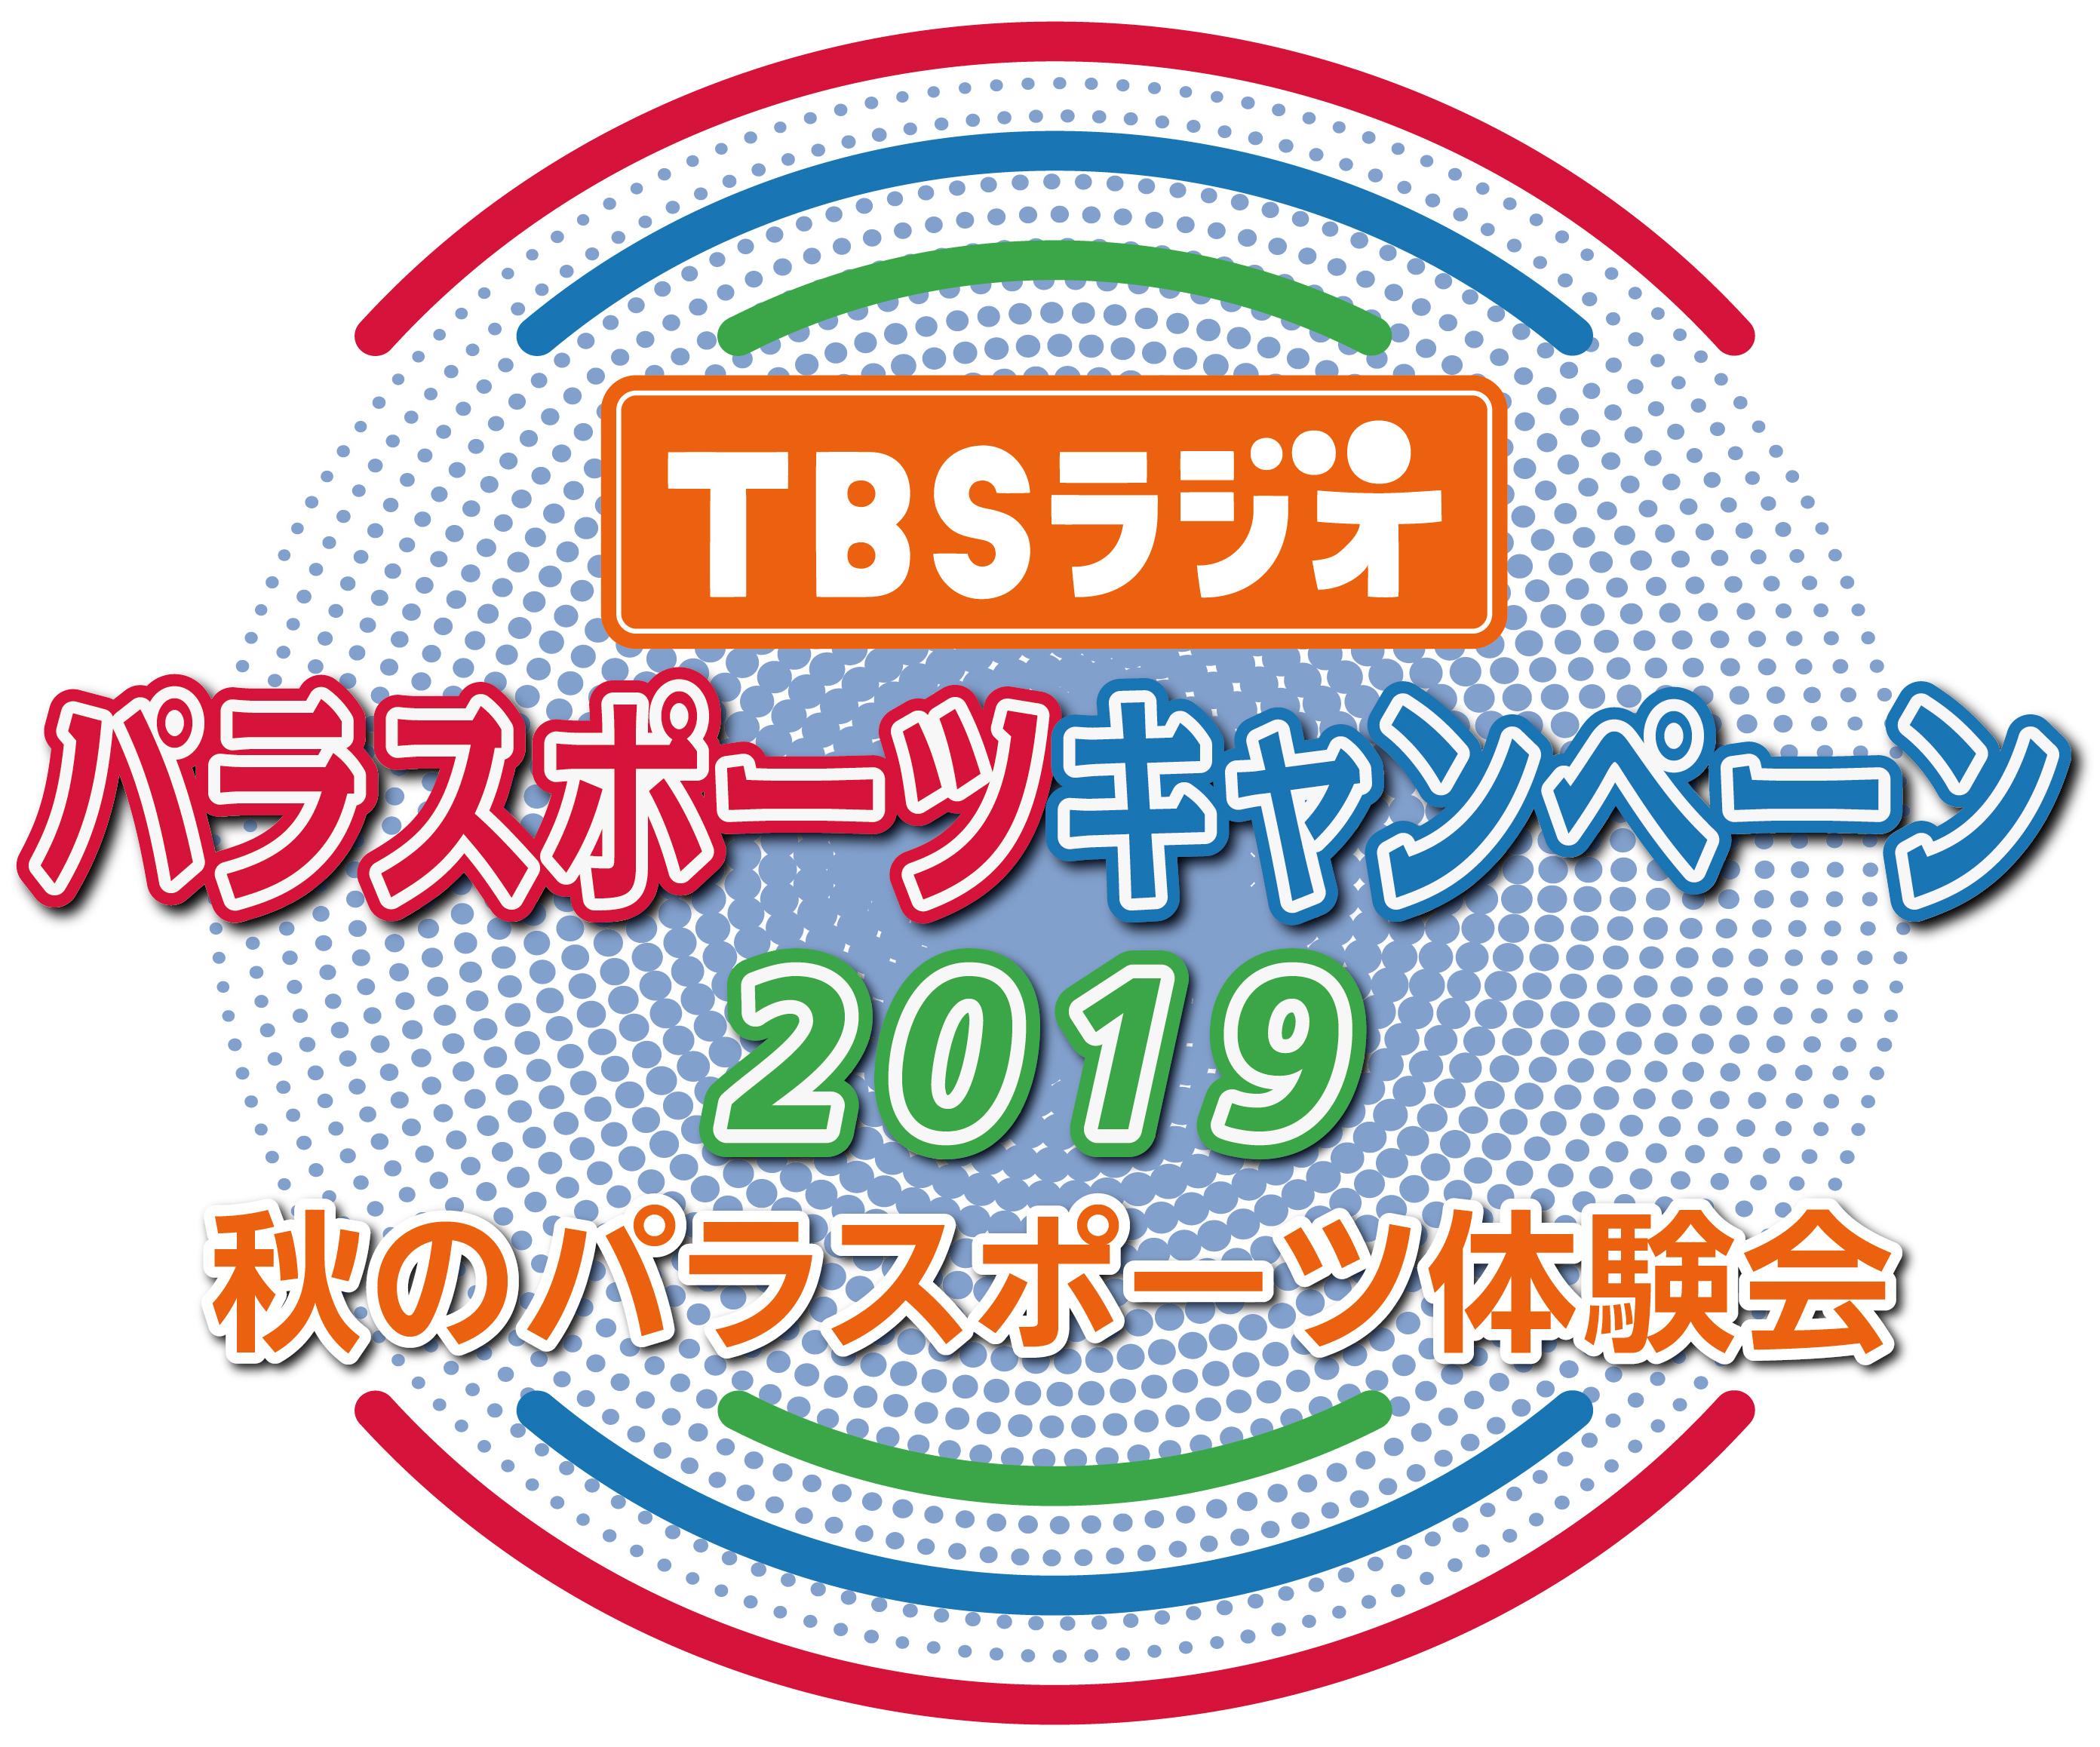 TBSラジオパラスポーツキャンペーン2019 ~秋のパラスポーツ体験会~ 開催!